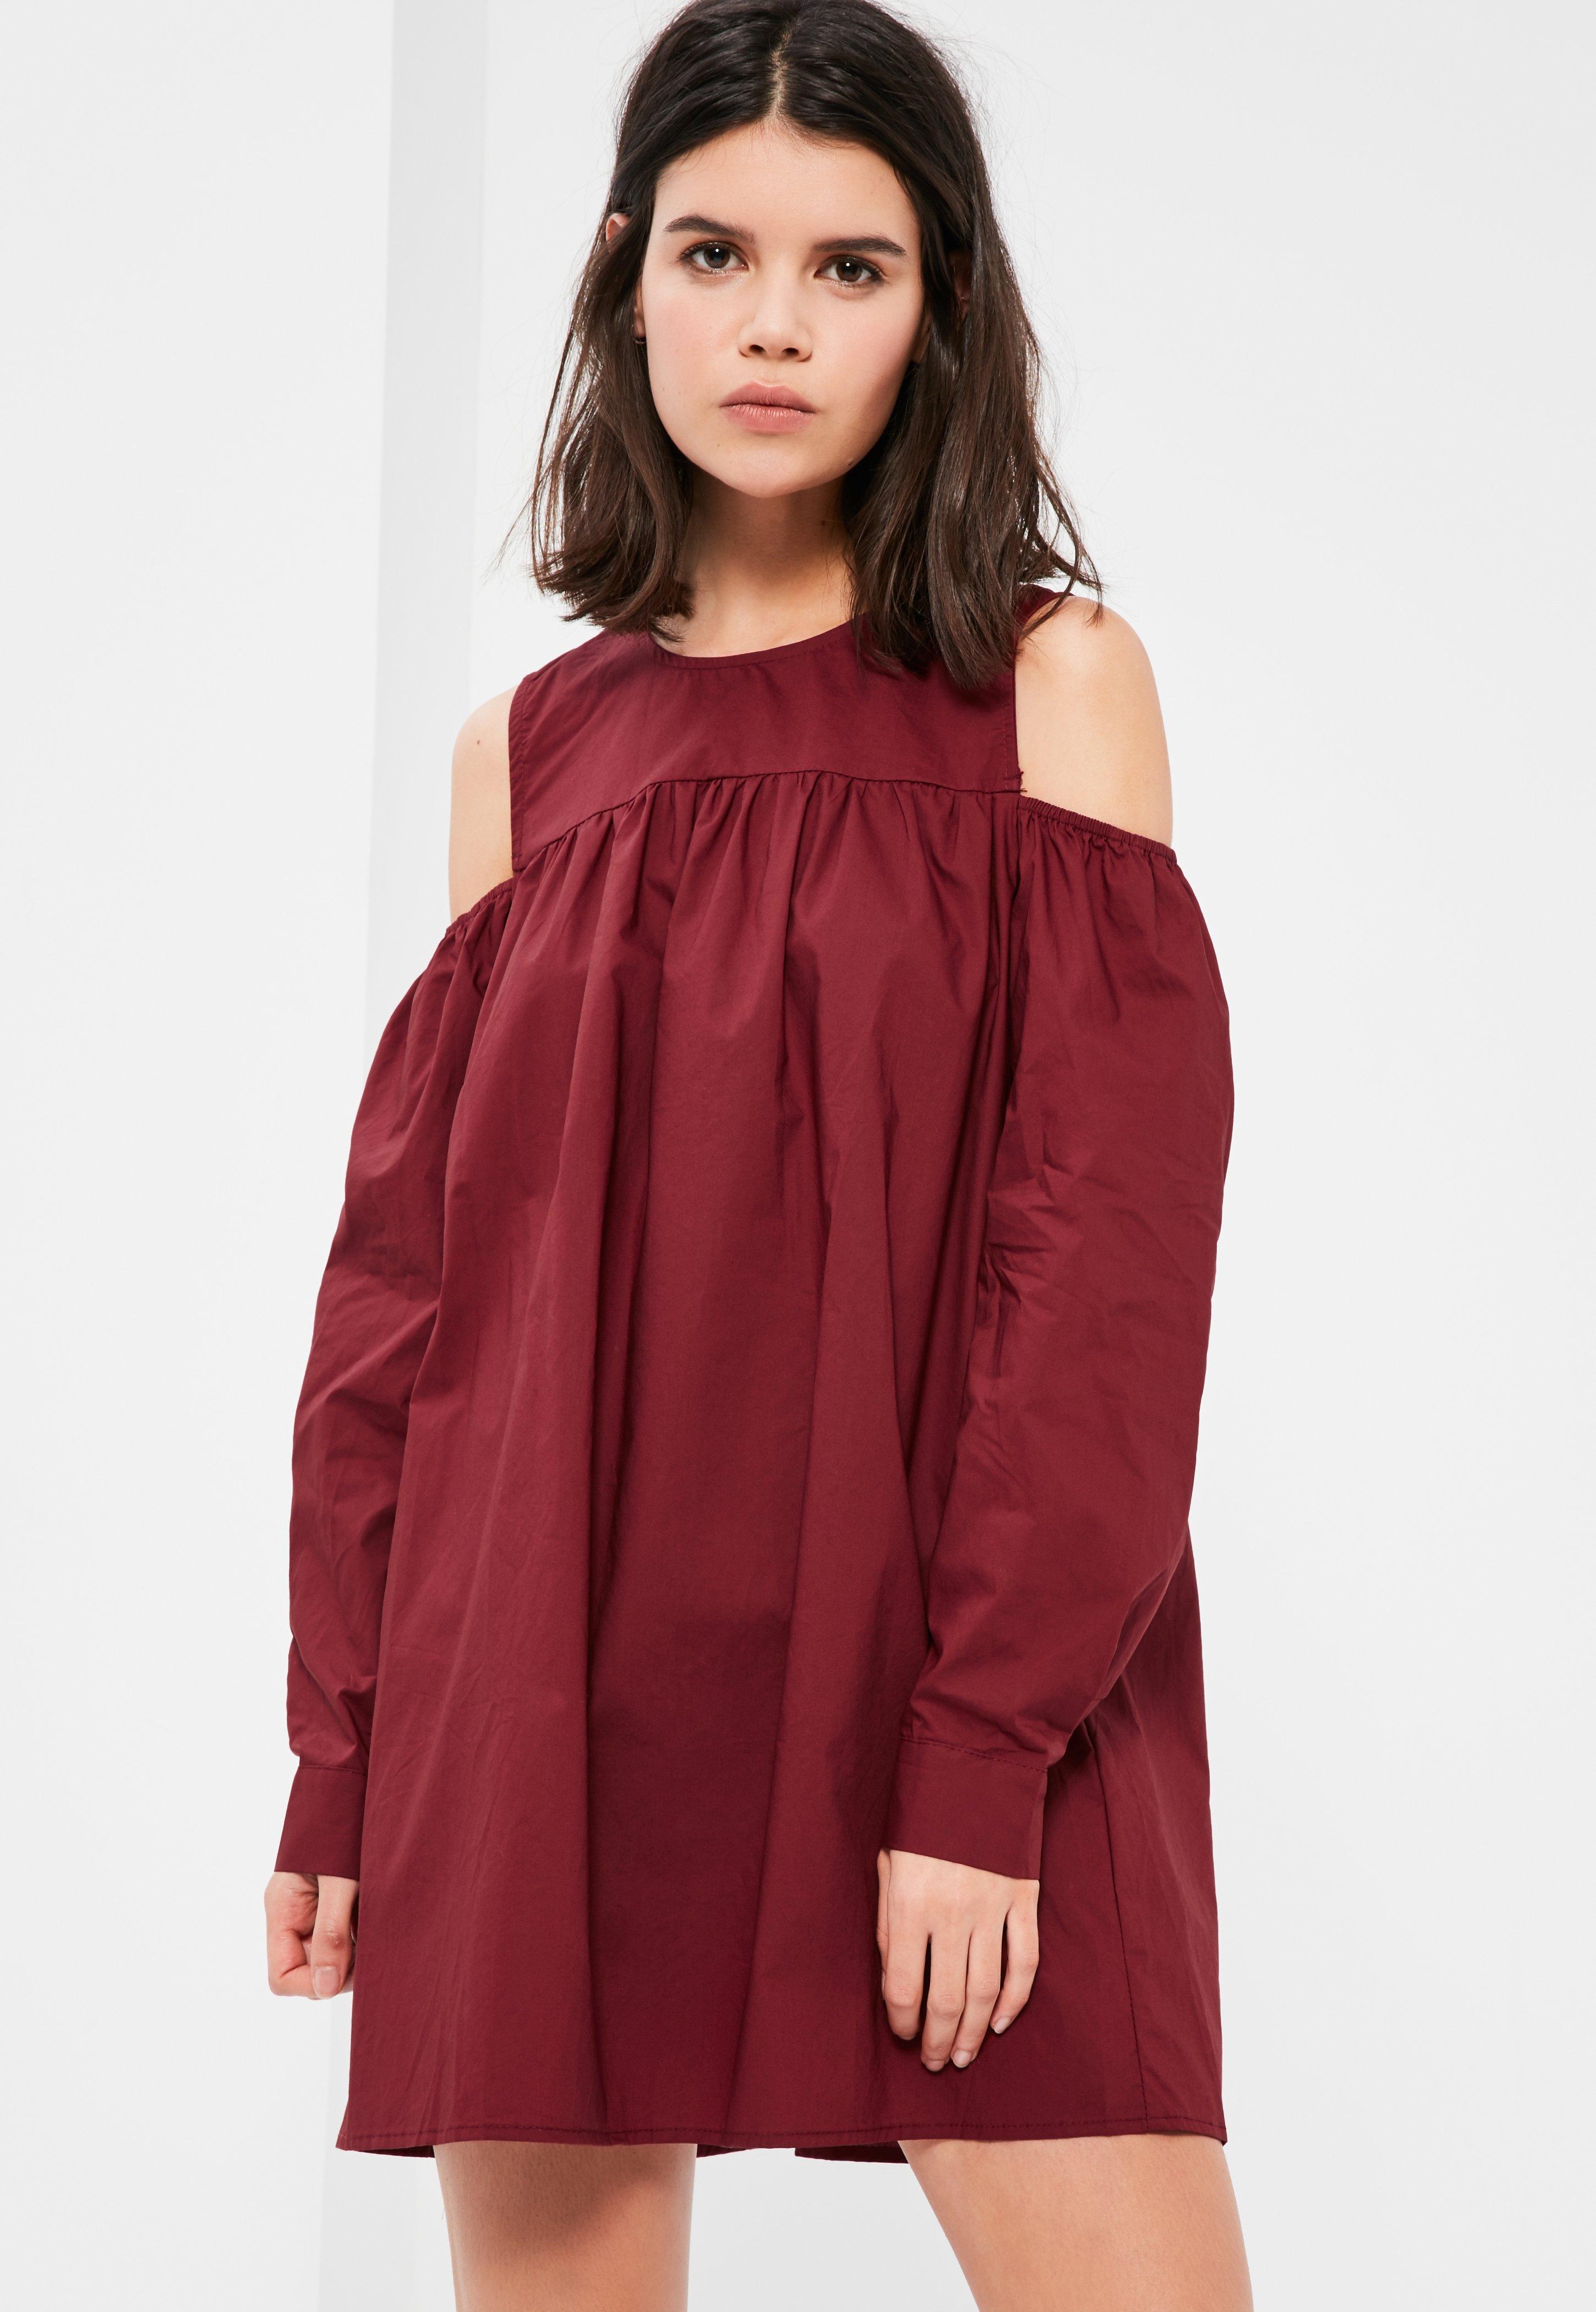 Burgundy Cold Shoulder Gathered Dress